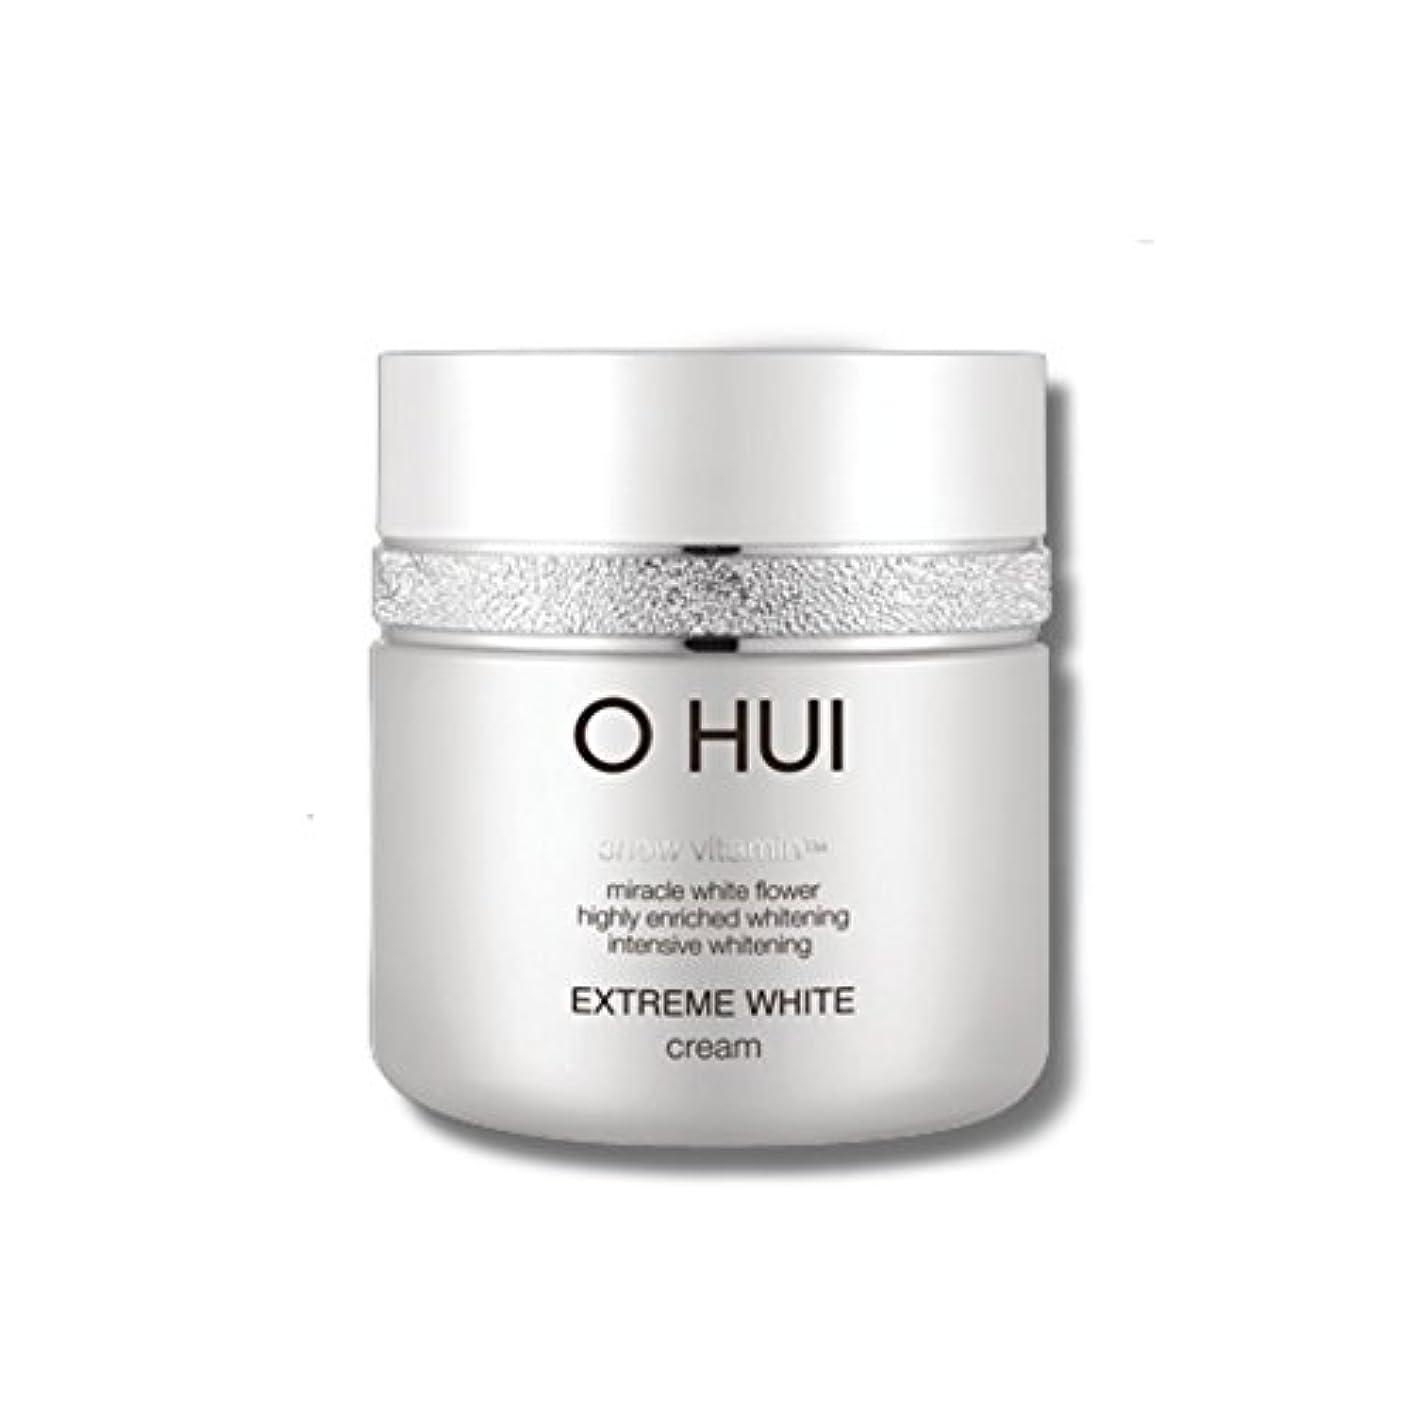 半円建設ドームOHUI Extreme White Cream 50ml/オフィ エクストリーム ホワイト クリーム 50ml [並行輸入品]